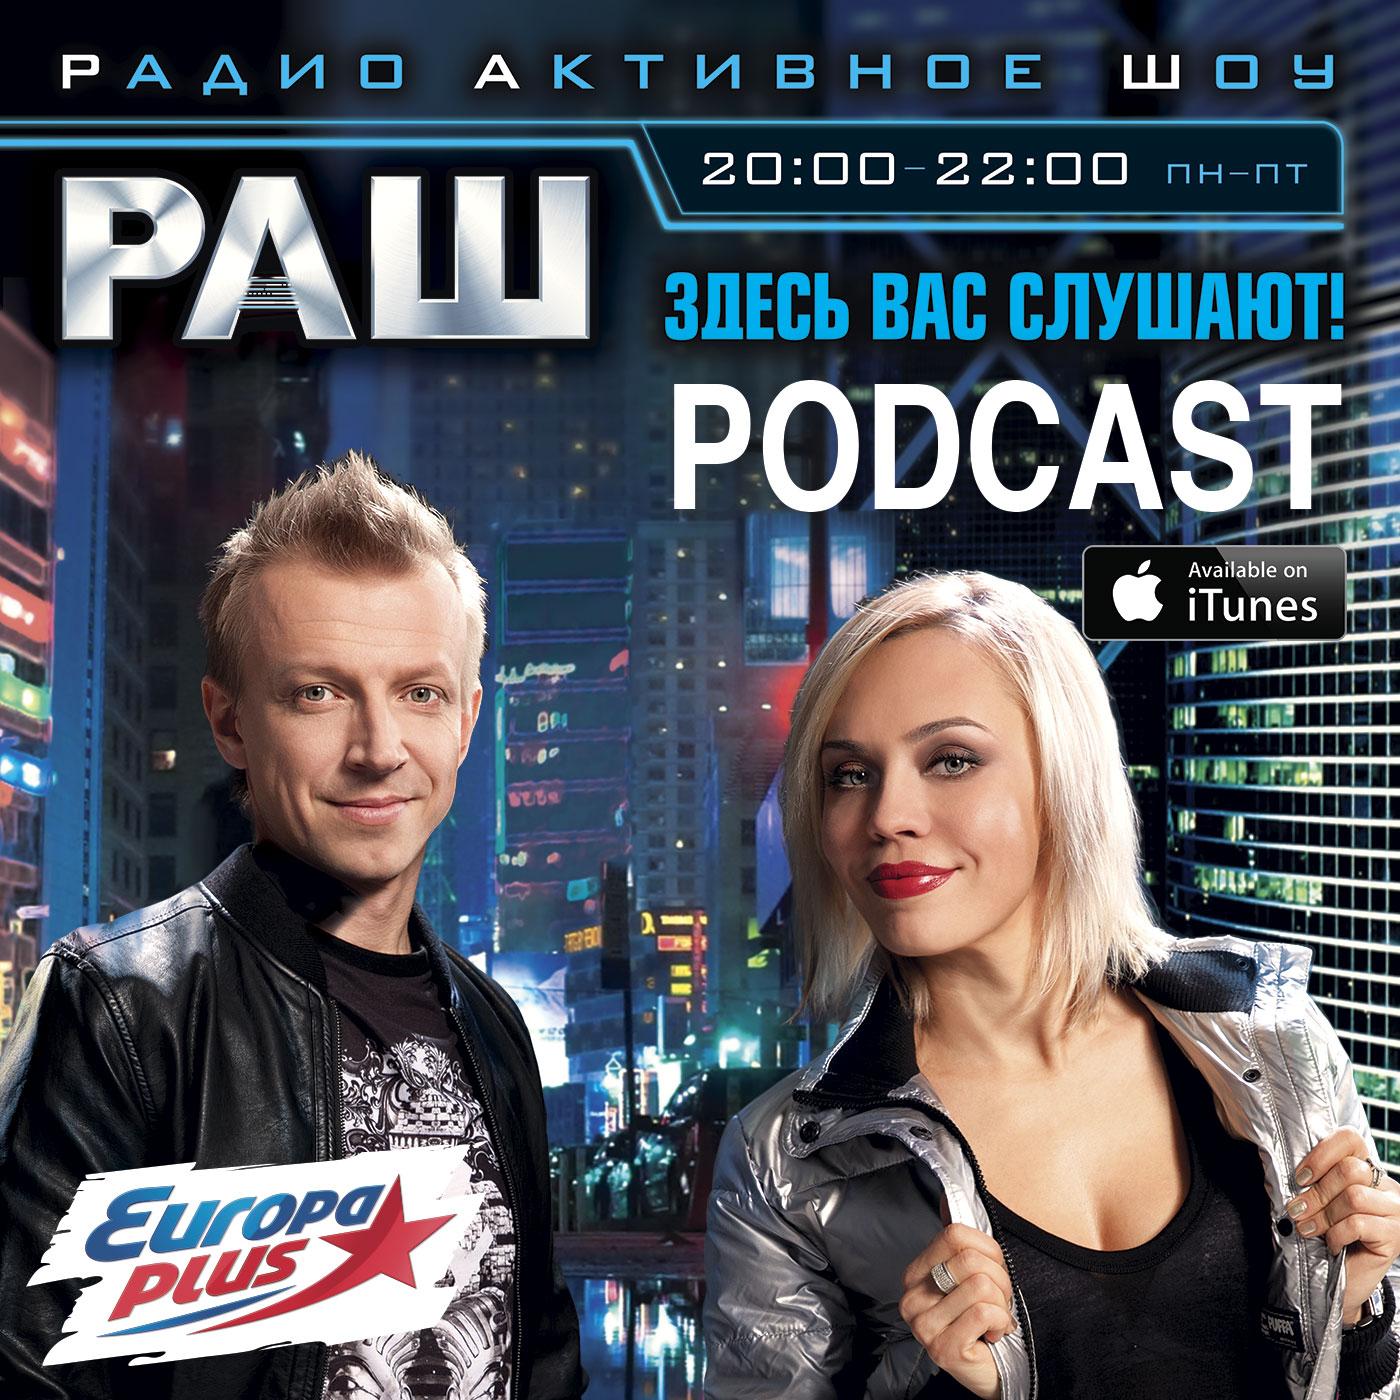 Радио Активное Шоу - отношения, женщины, мужчины, любовь, секс, деньги, психология - Европа Плюс Official